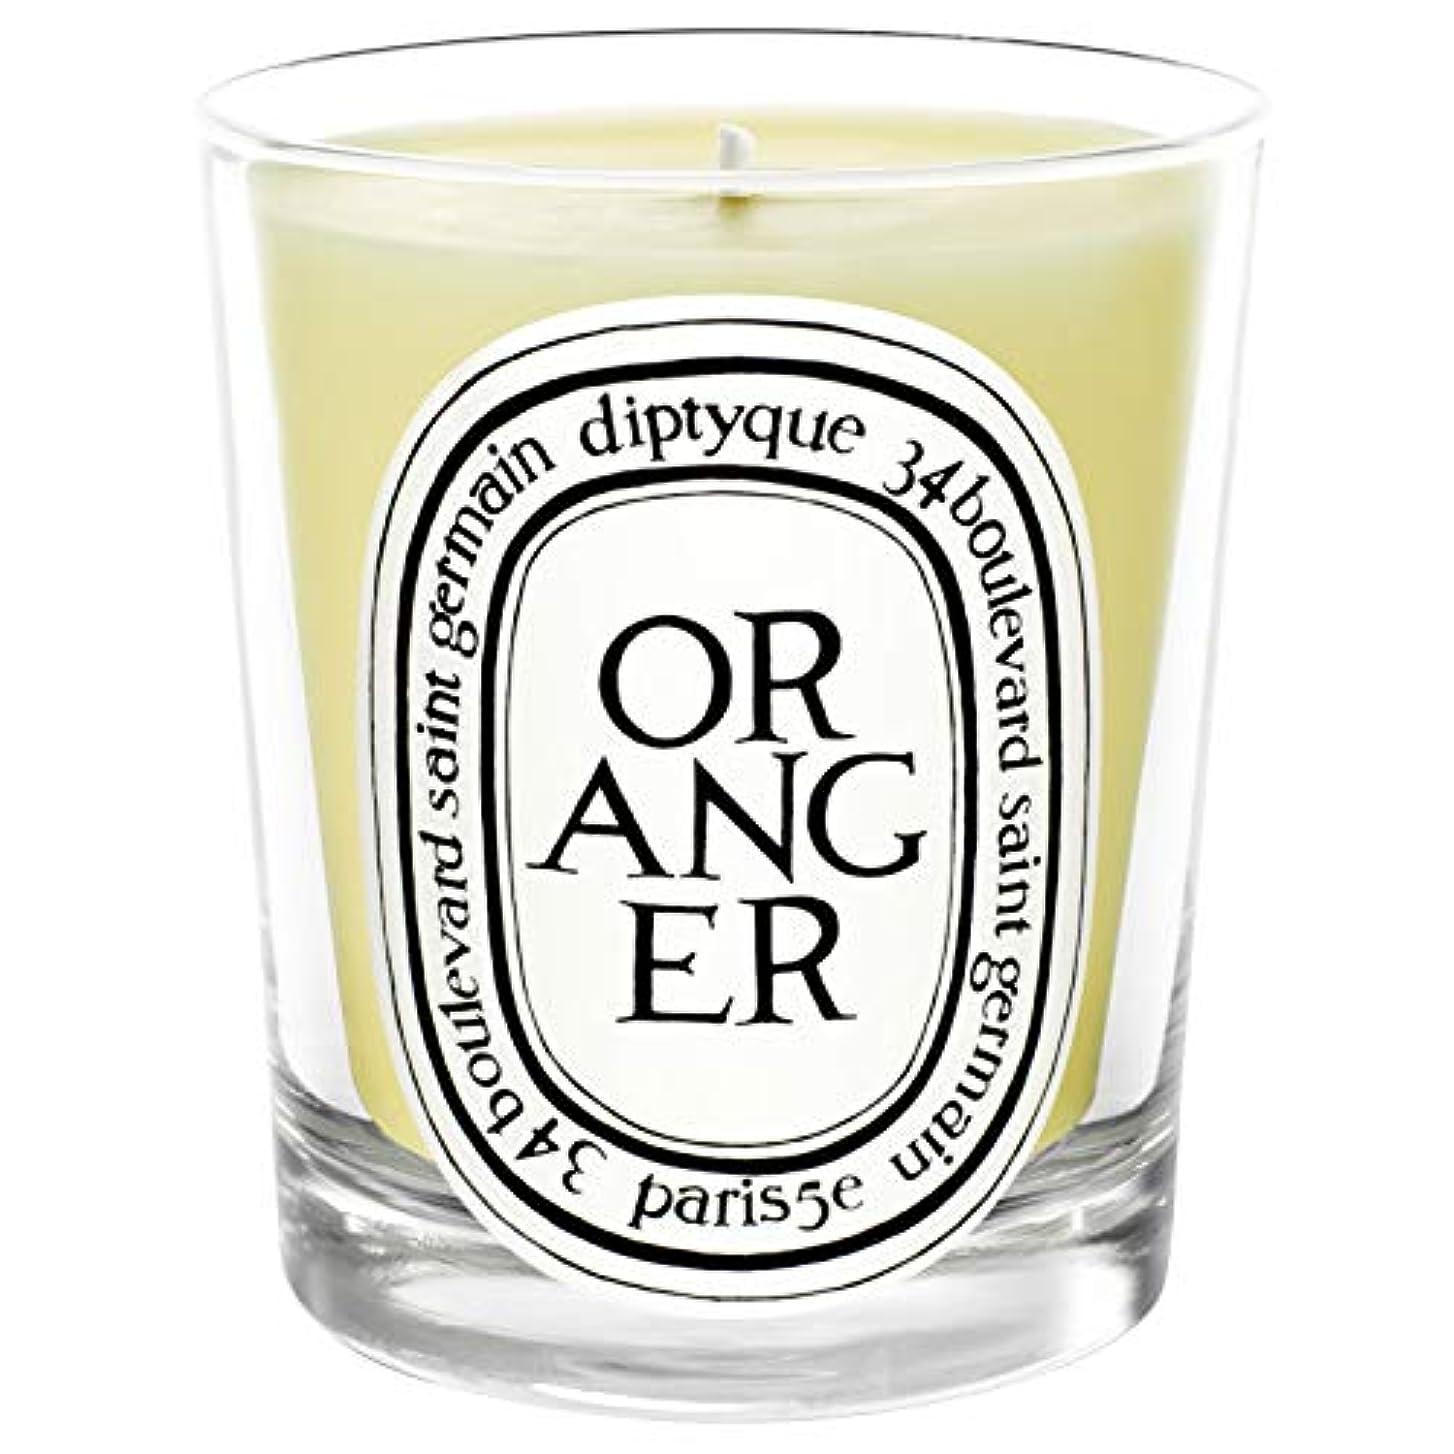 リーガン入場換気[Diptyque] Diptyqueのオランジェ香りのキャンドル190グラム - Diptyque Oranger Scented Candle 190g [並行輸入品]